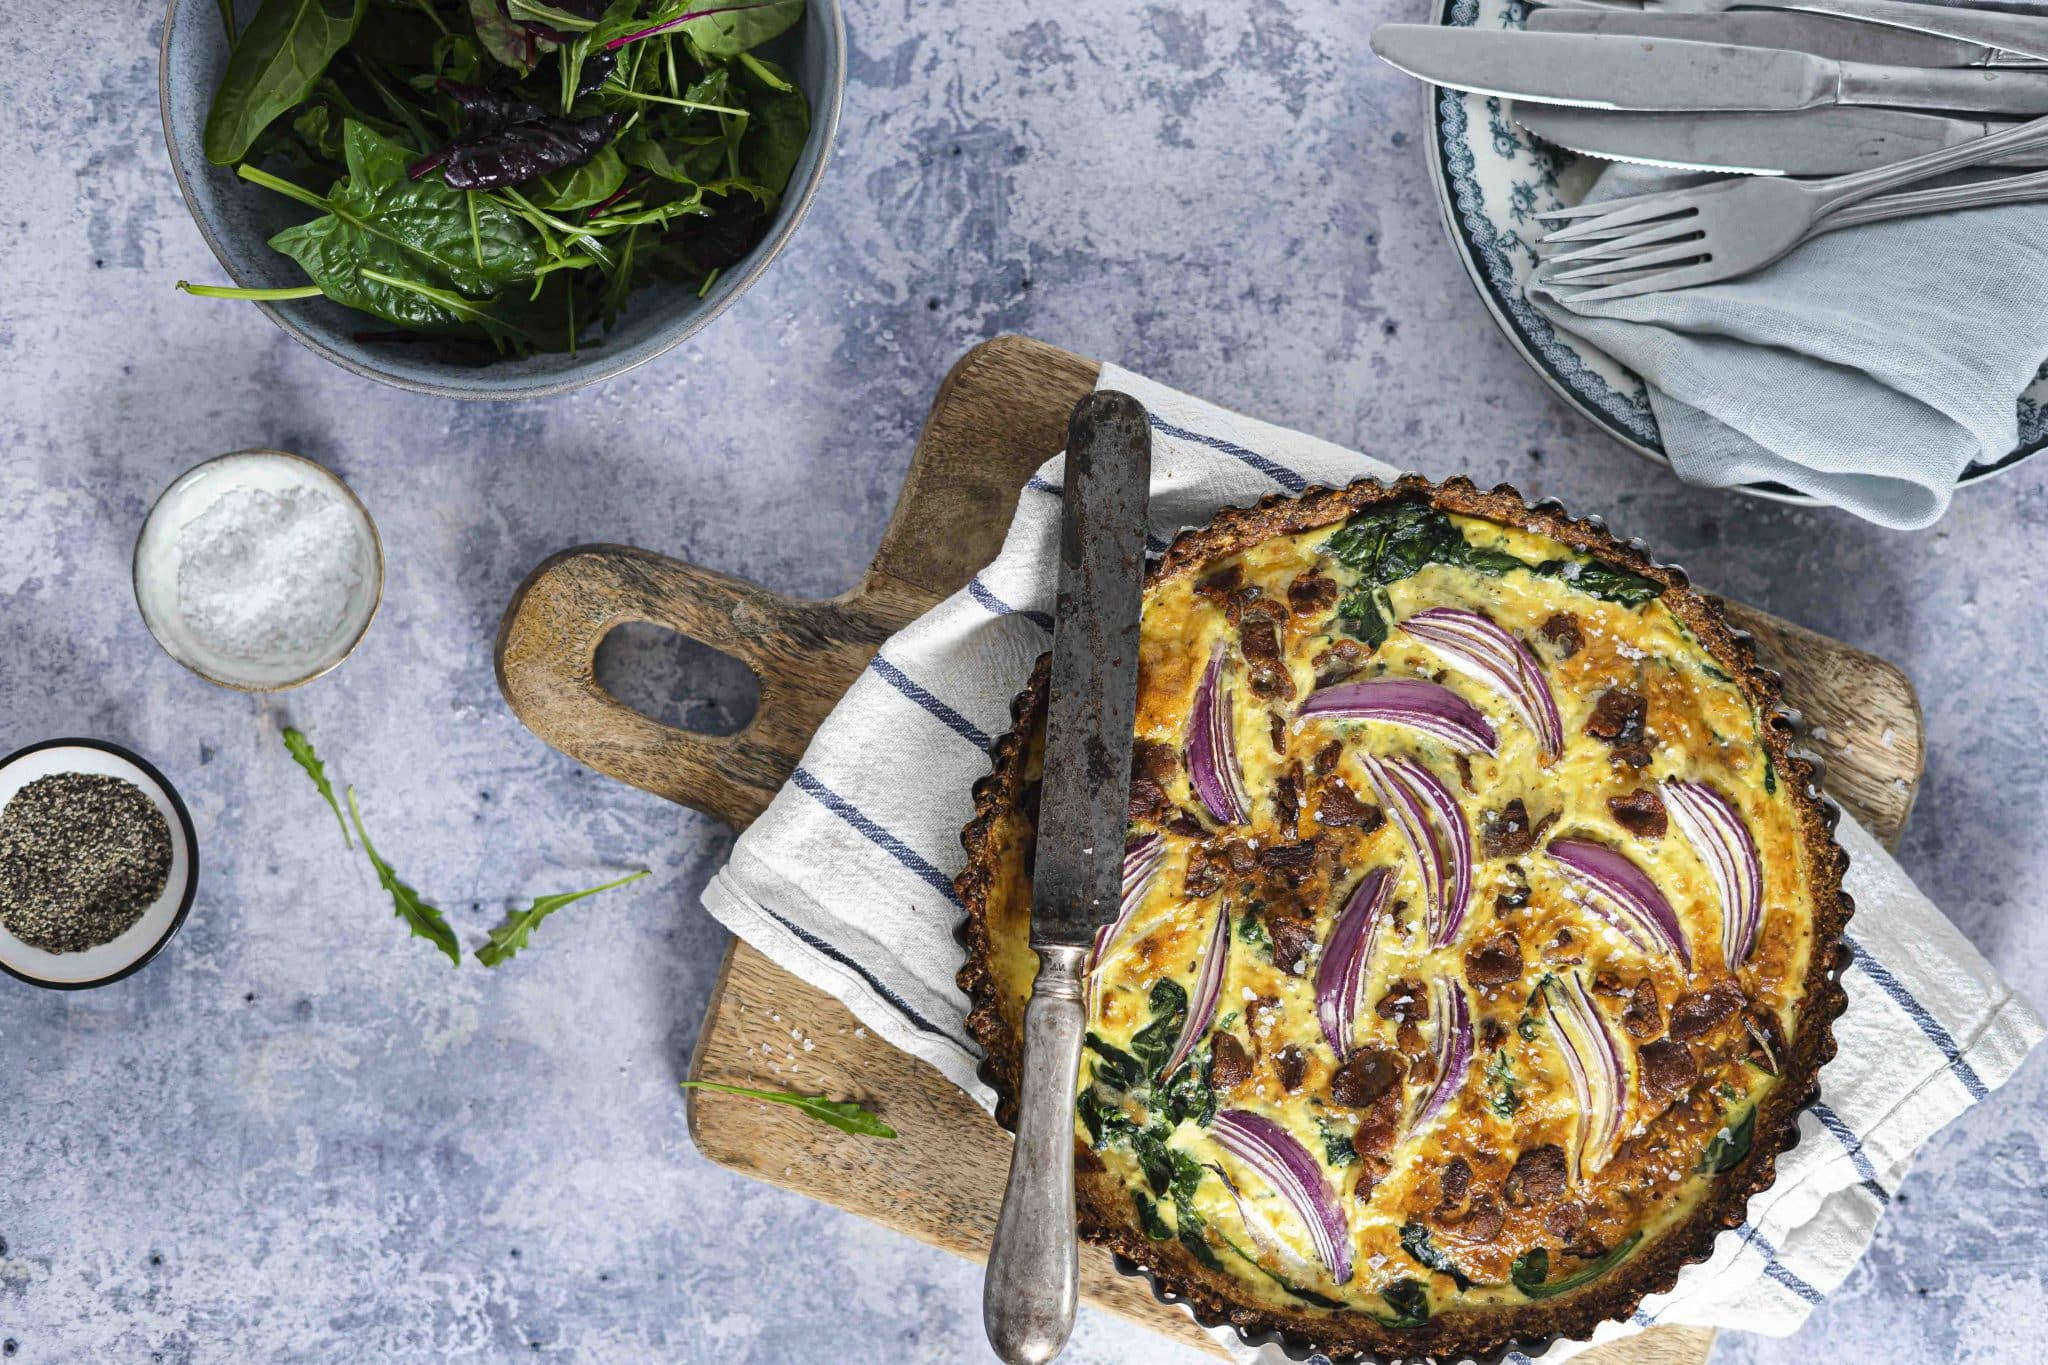 Tærte med blomkålsbund - opskrifter på lækkert Keto-madtærte